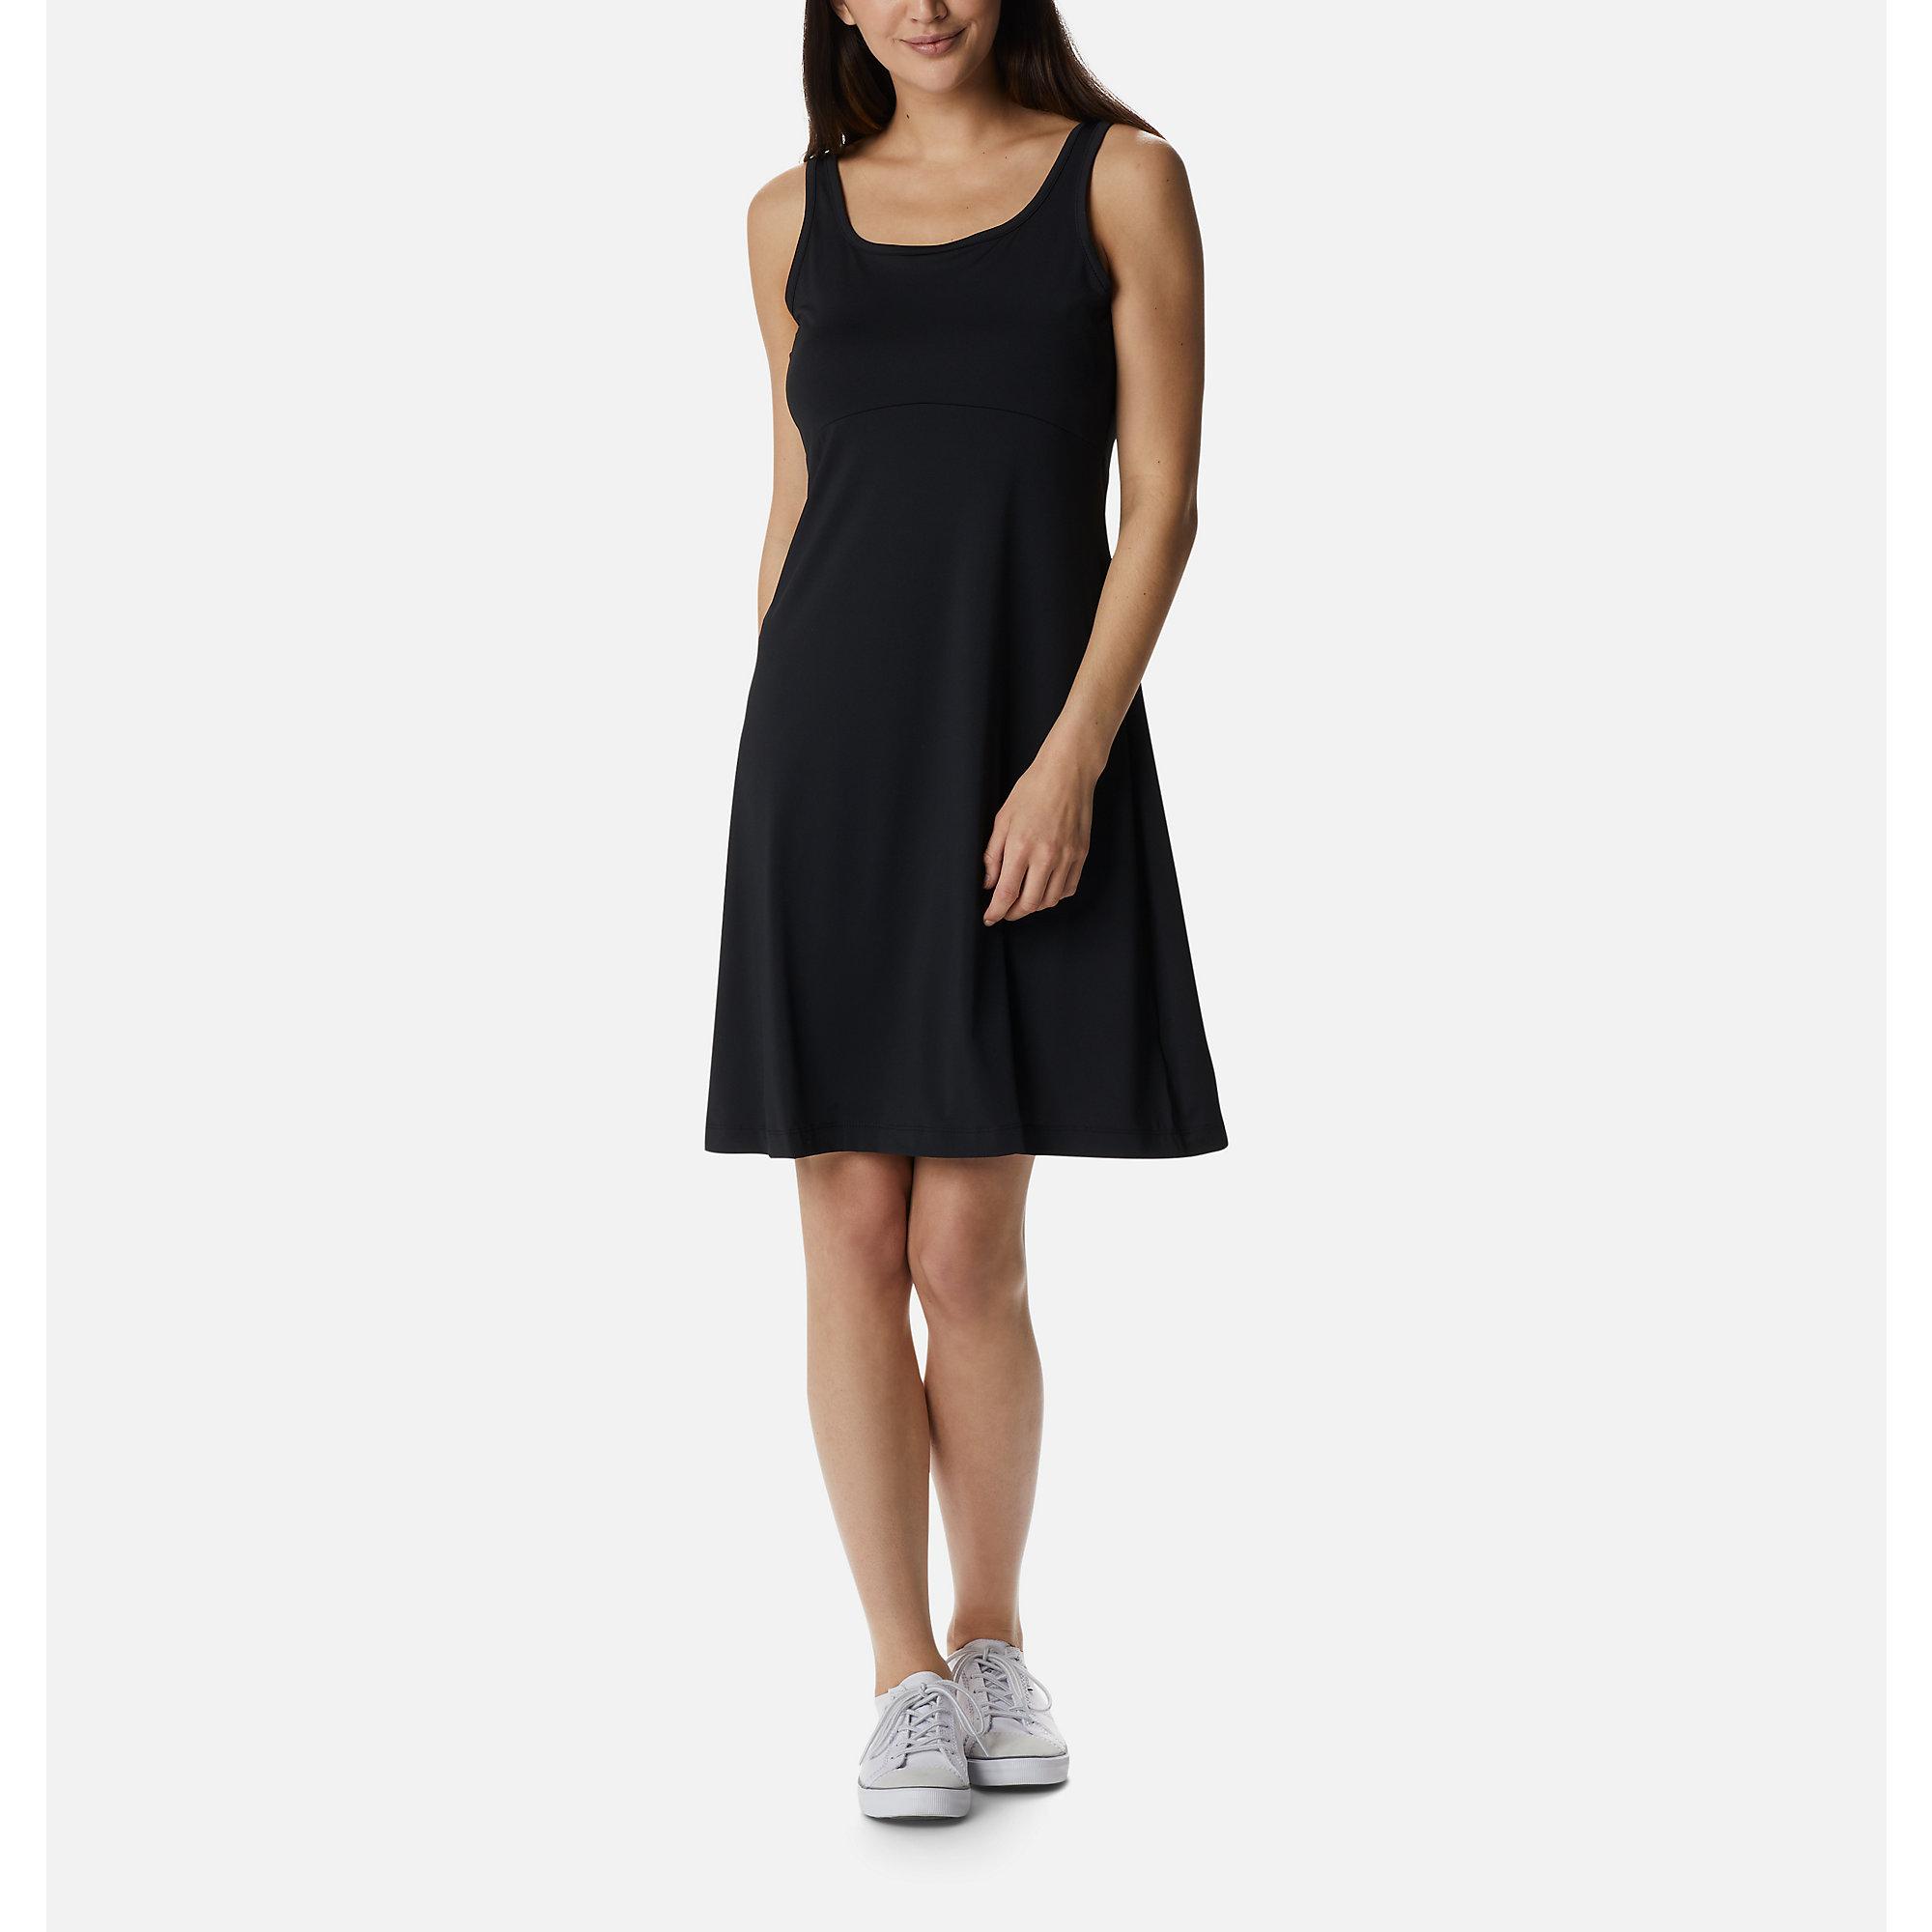 Columbia Freezer III Dress 010 XS-